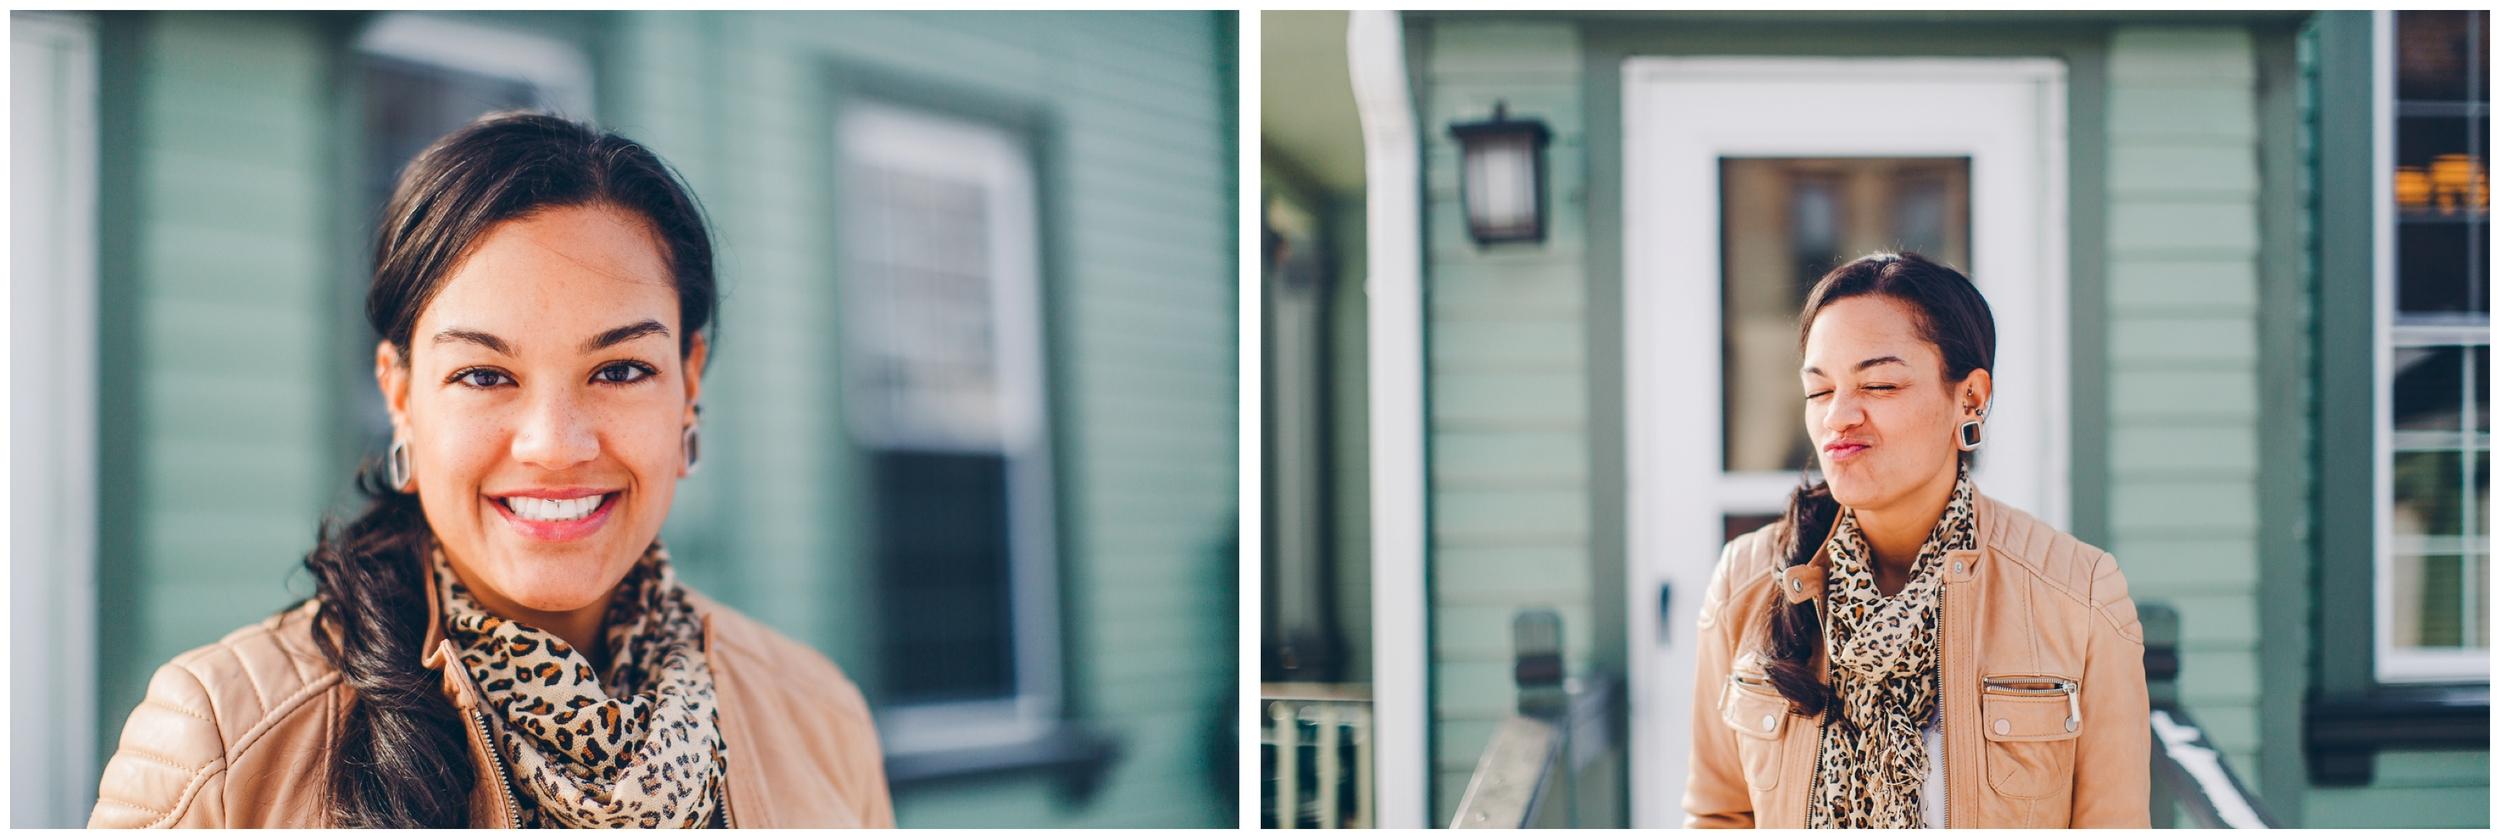 Random photos of Mi Amor-8663-Edit-2.jpg